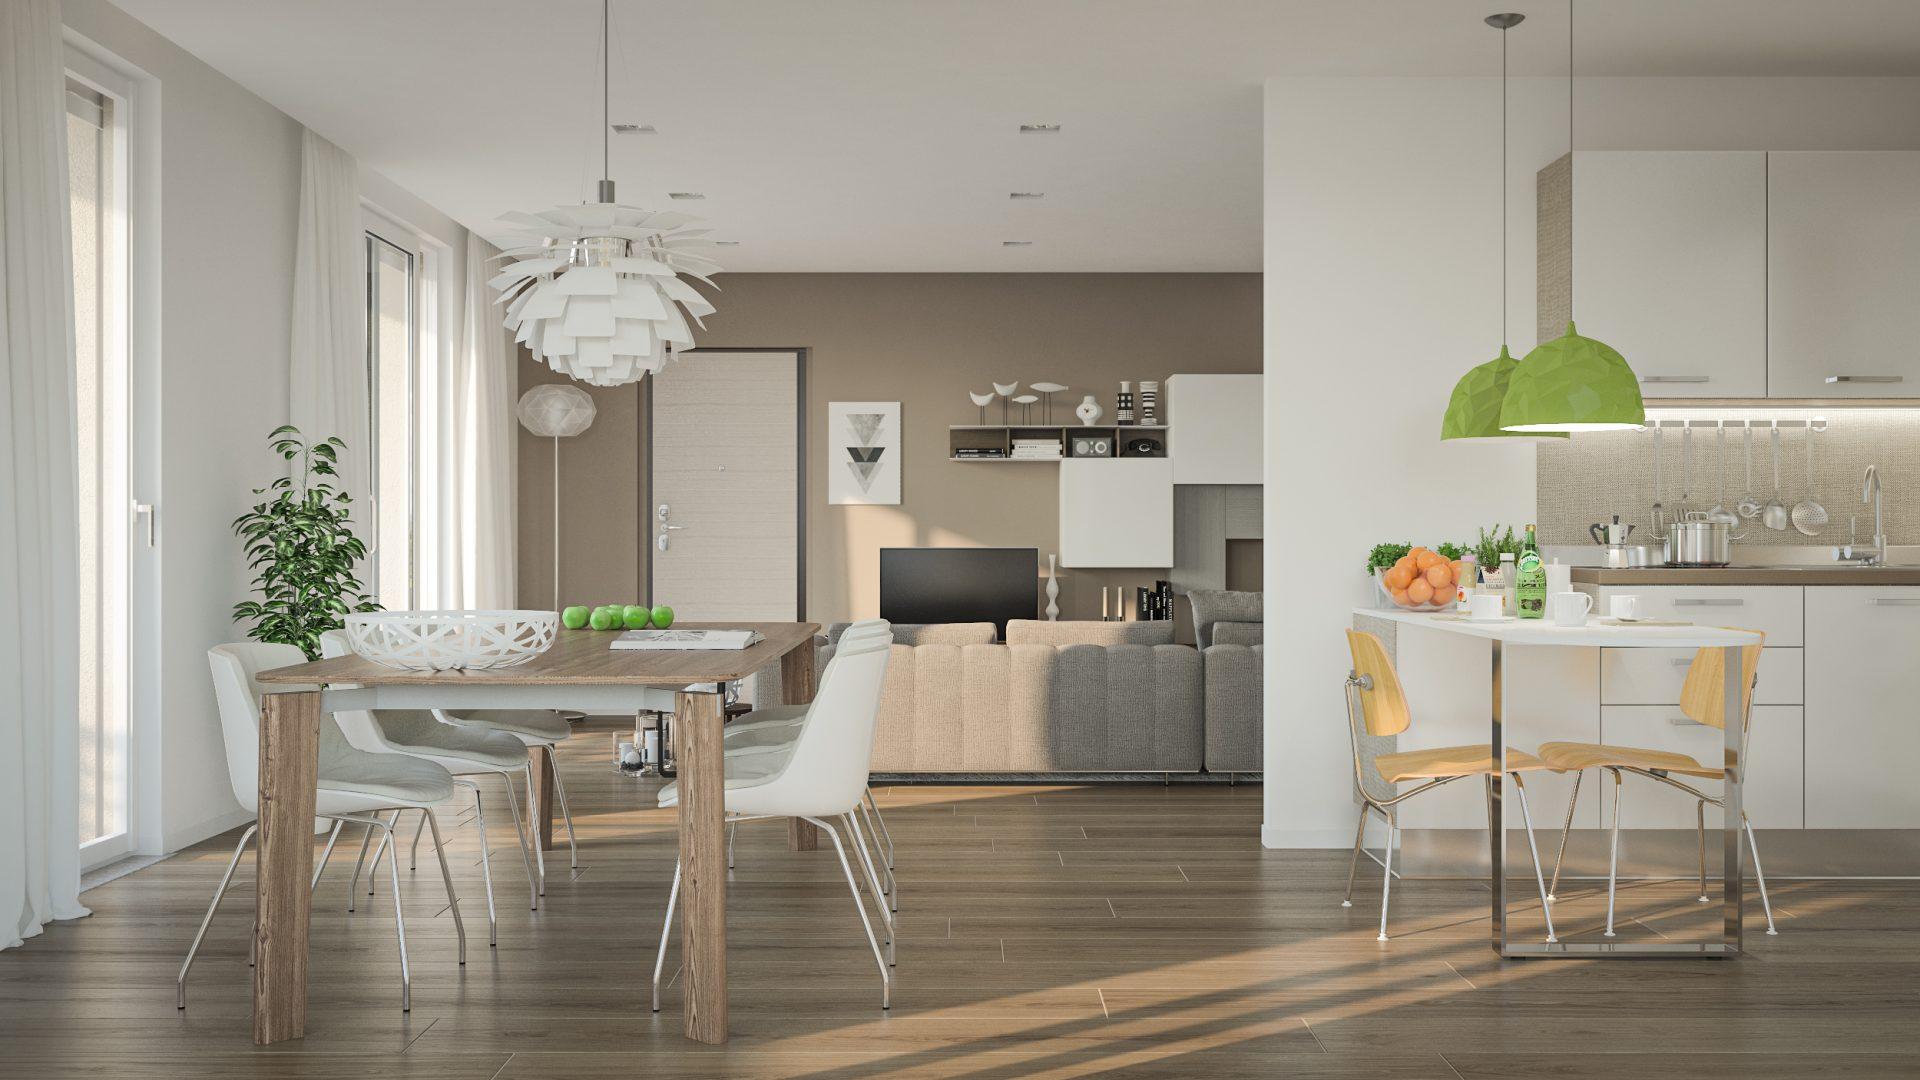 Consigli per ristrutturare casa costruzioni edili de novara - Consigli per ristrutturare casa ...